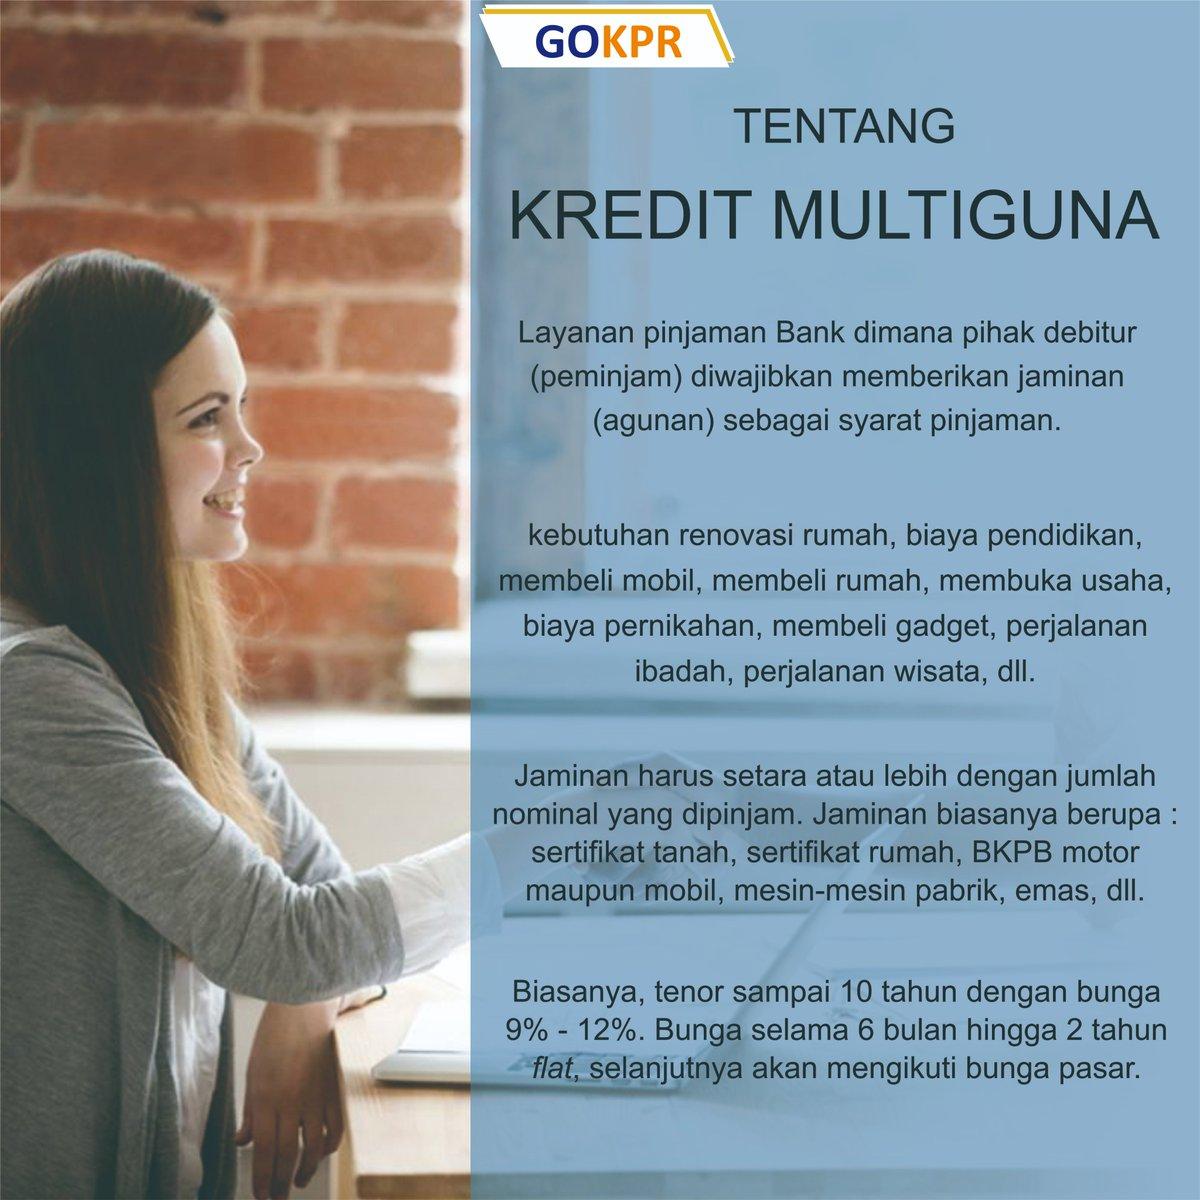 Sekilas info tentang Kredit Multiguna (KMG)... Yuk pahami untuk bisa ajukan kebutuhanmu . . #kreditmultiguna #kmg #multiguna #pembiayaanmultiguna #kredit #kpr #kpa #kkb #gokprpic.twitter.com/bCUwmwH8lL